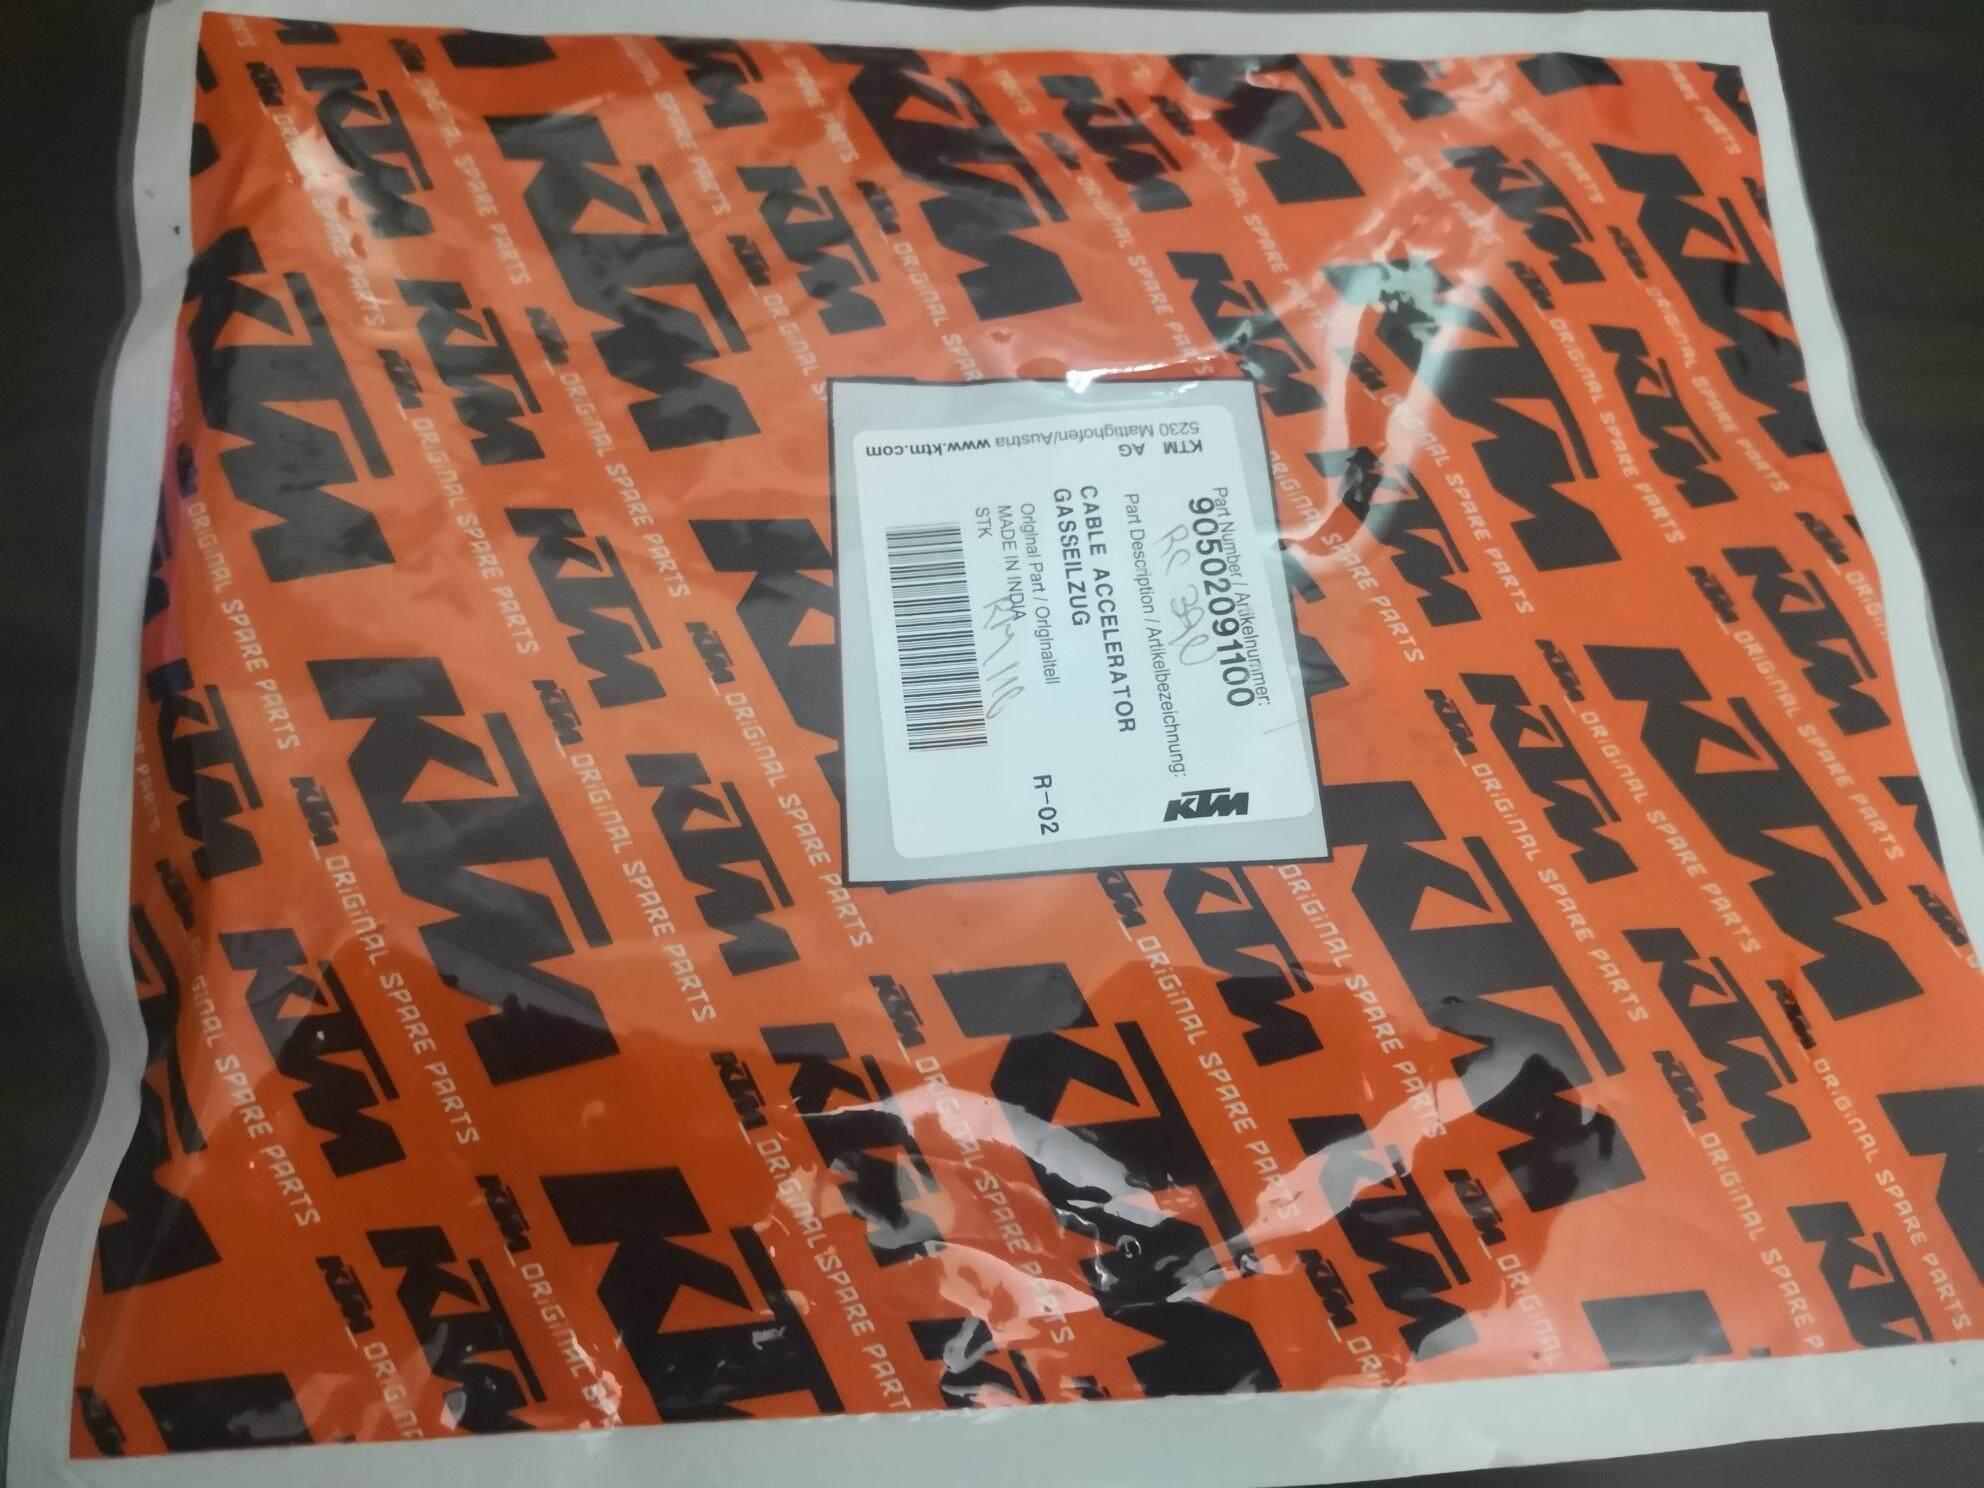 KTM - Buy KTM at Best Price in Malaysia   www lazada com my